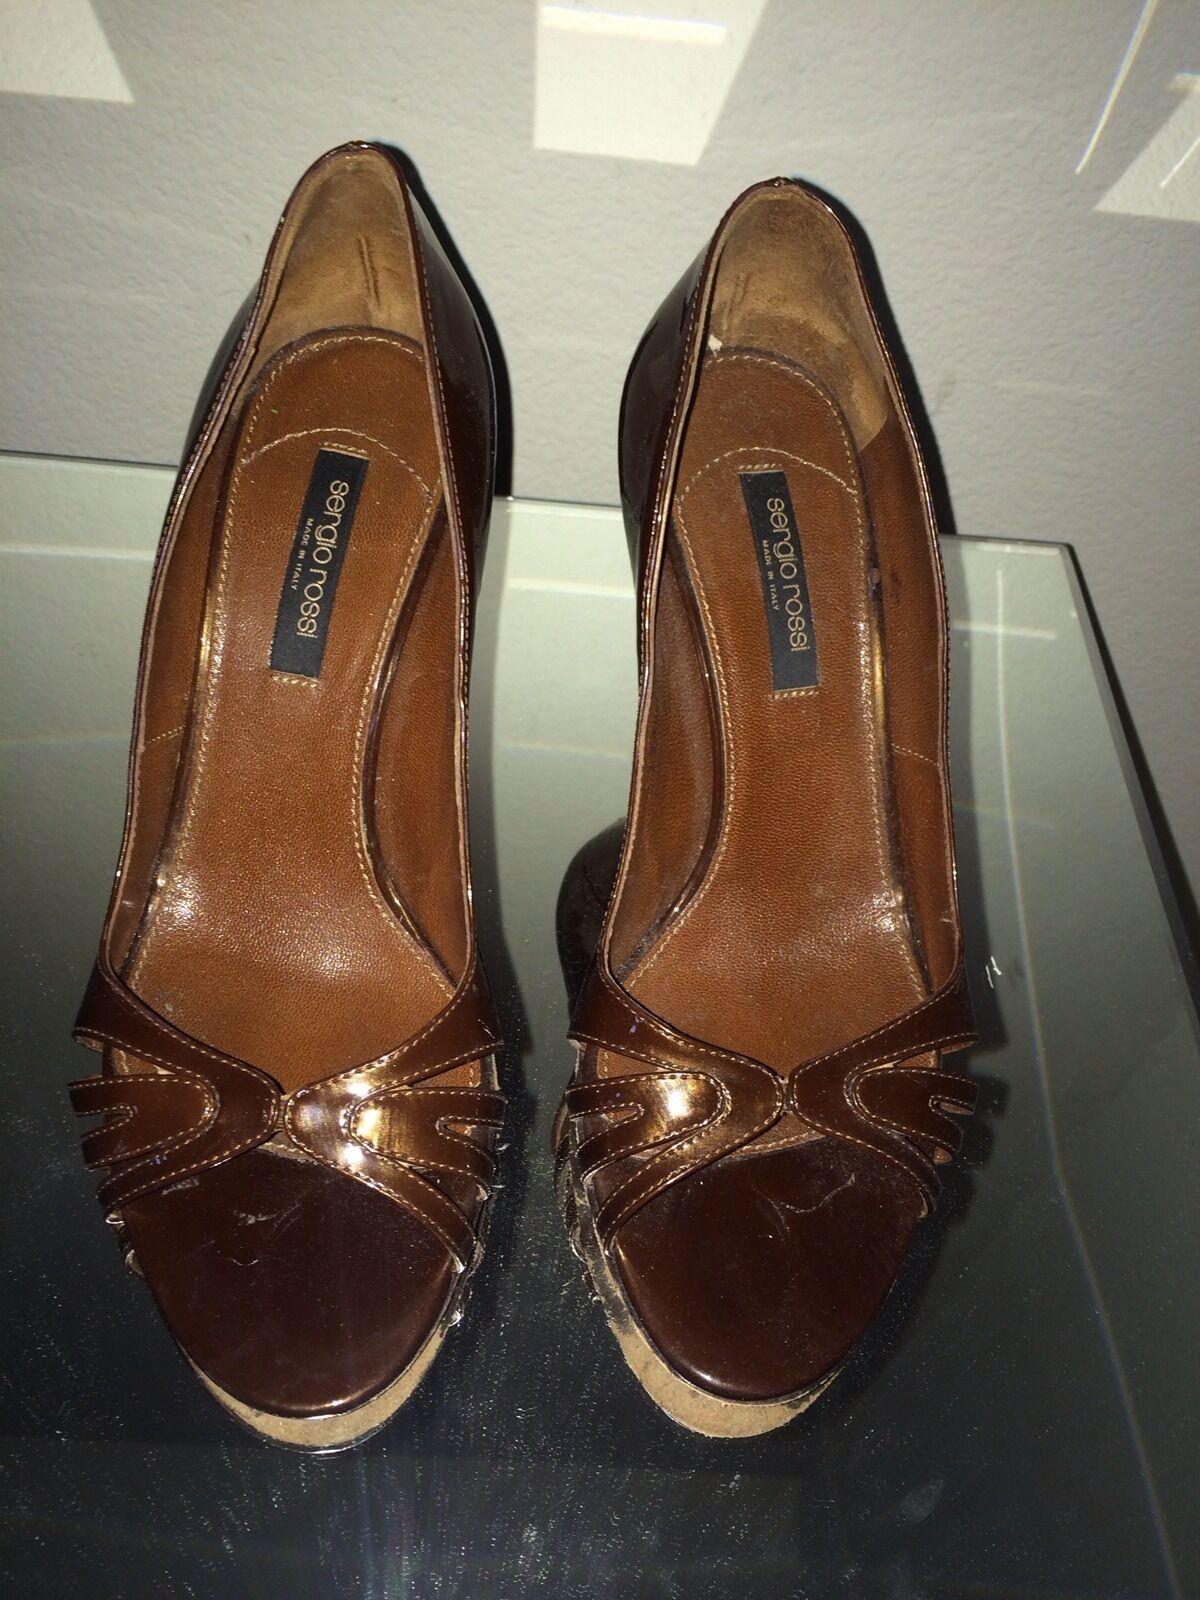 SERGIO ROSSI Marroneee Patent Leather Open Toe Pumps Heels Sz 38 (US 7.5)